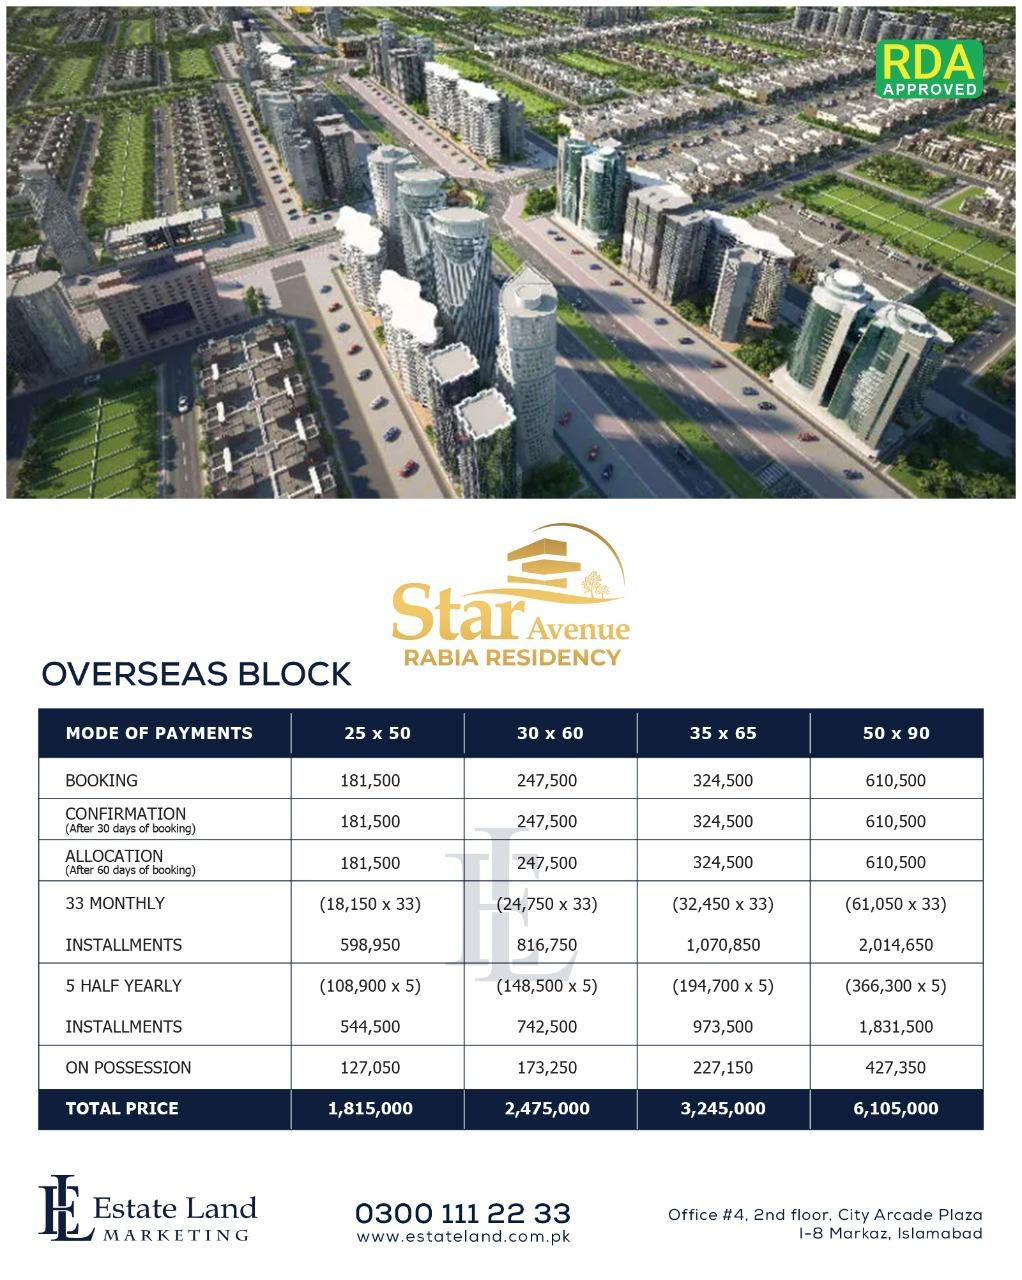 overseas block payment plan of star avenue-Rabia Residency